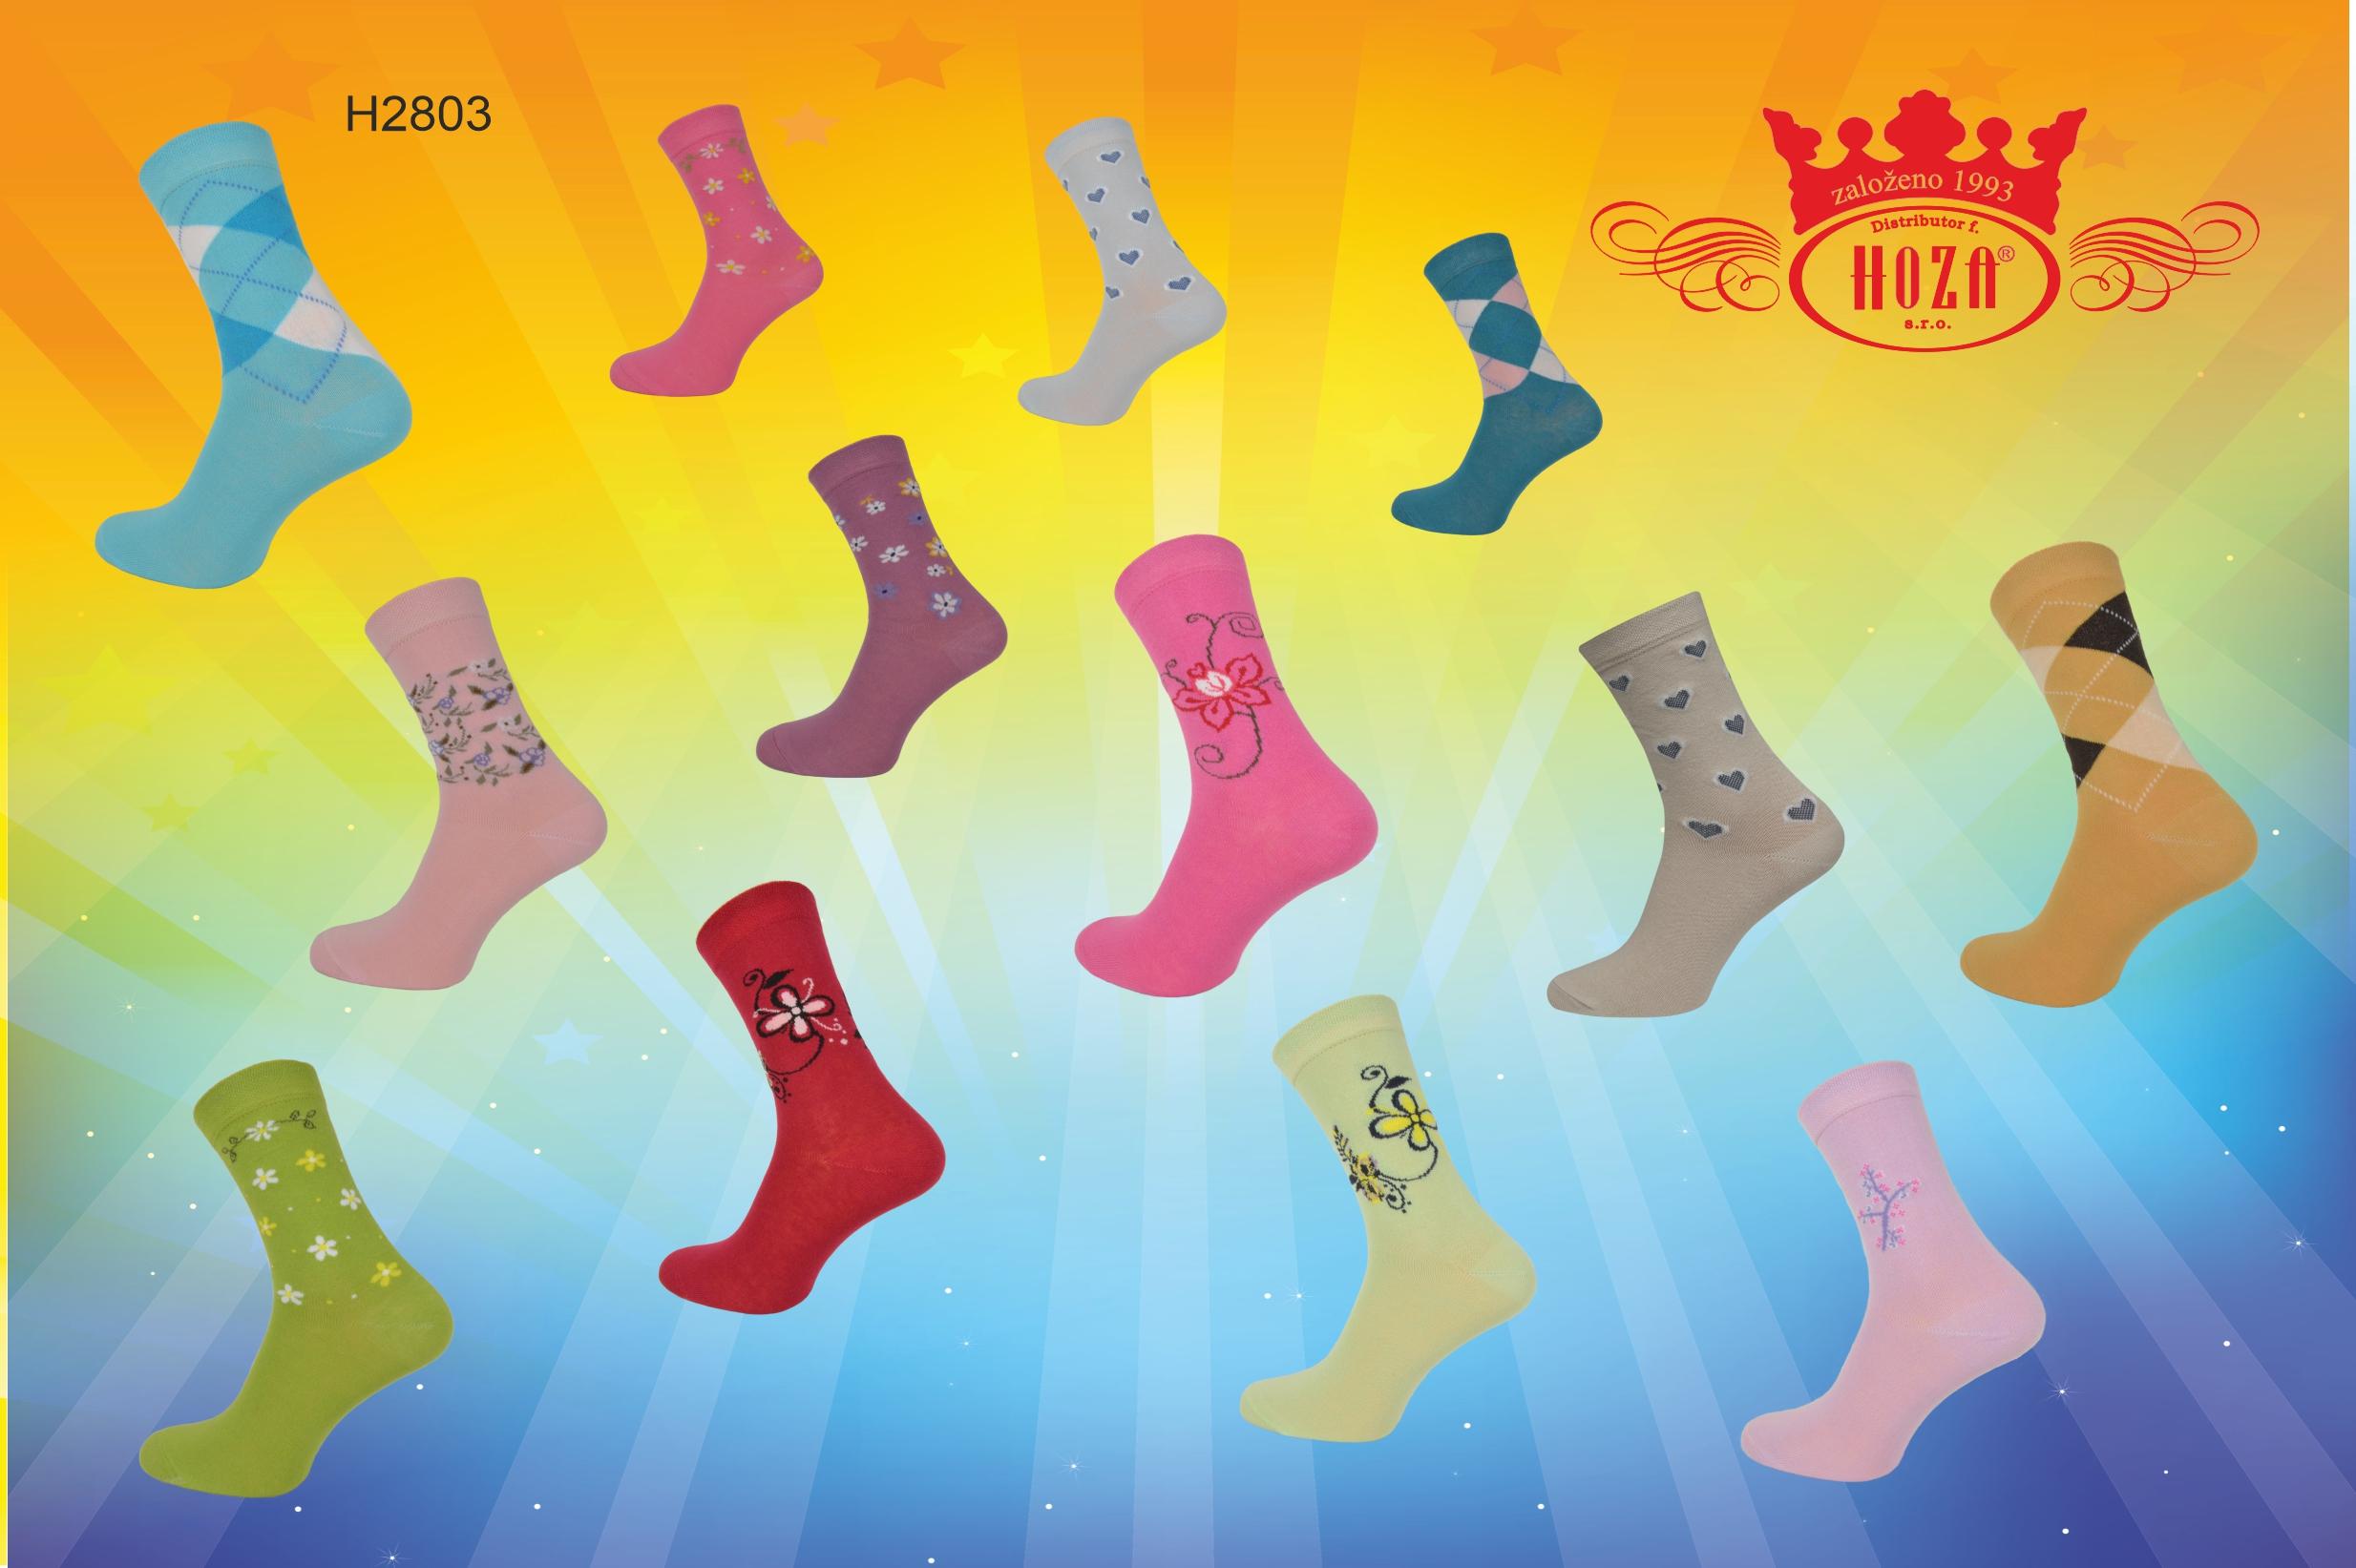 Ponožky pro dospělé » Ponožky s elastanem - ecb917d83b